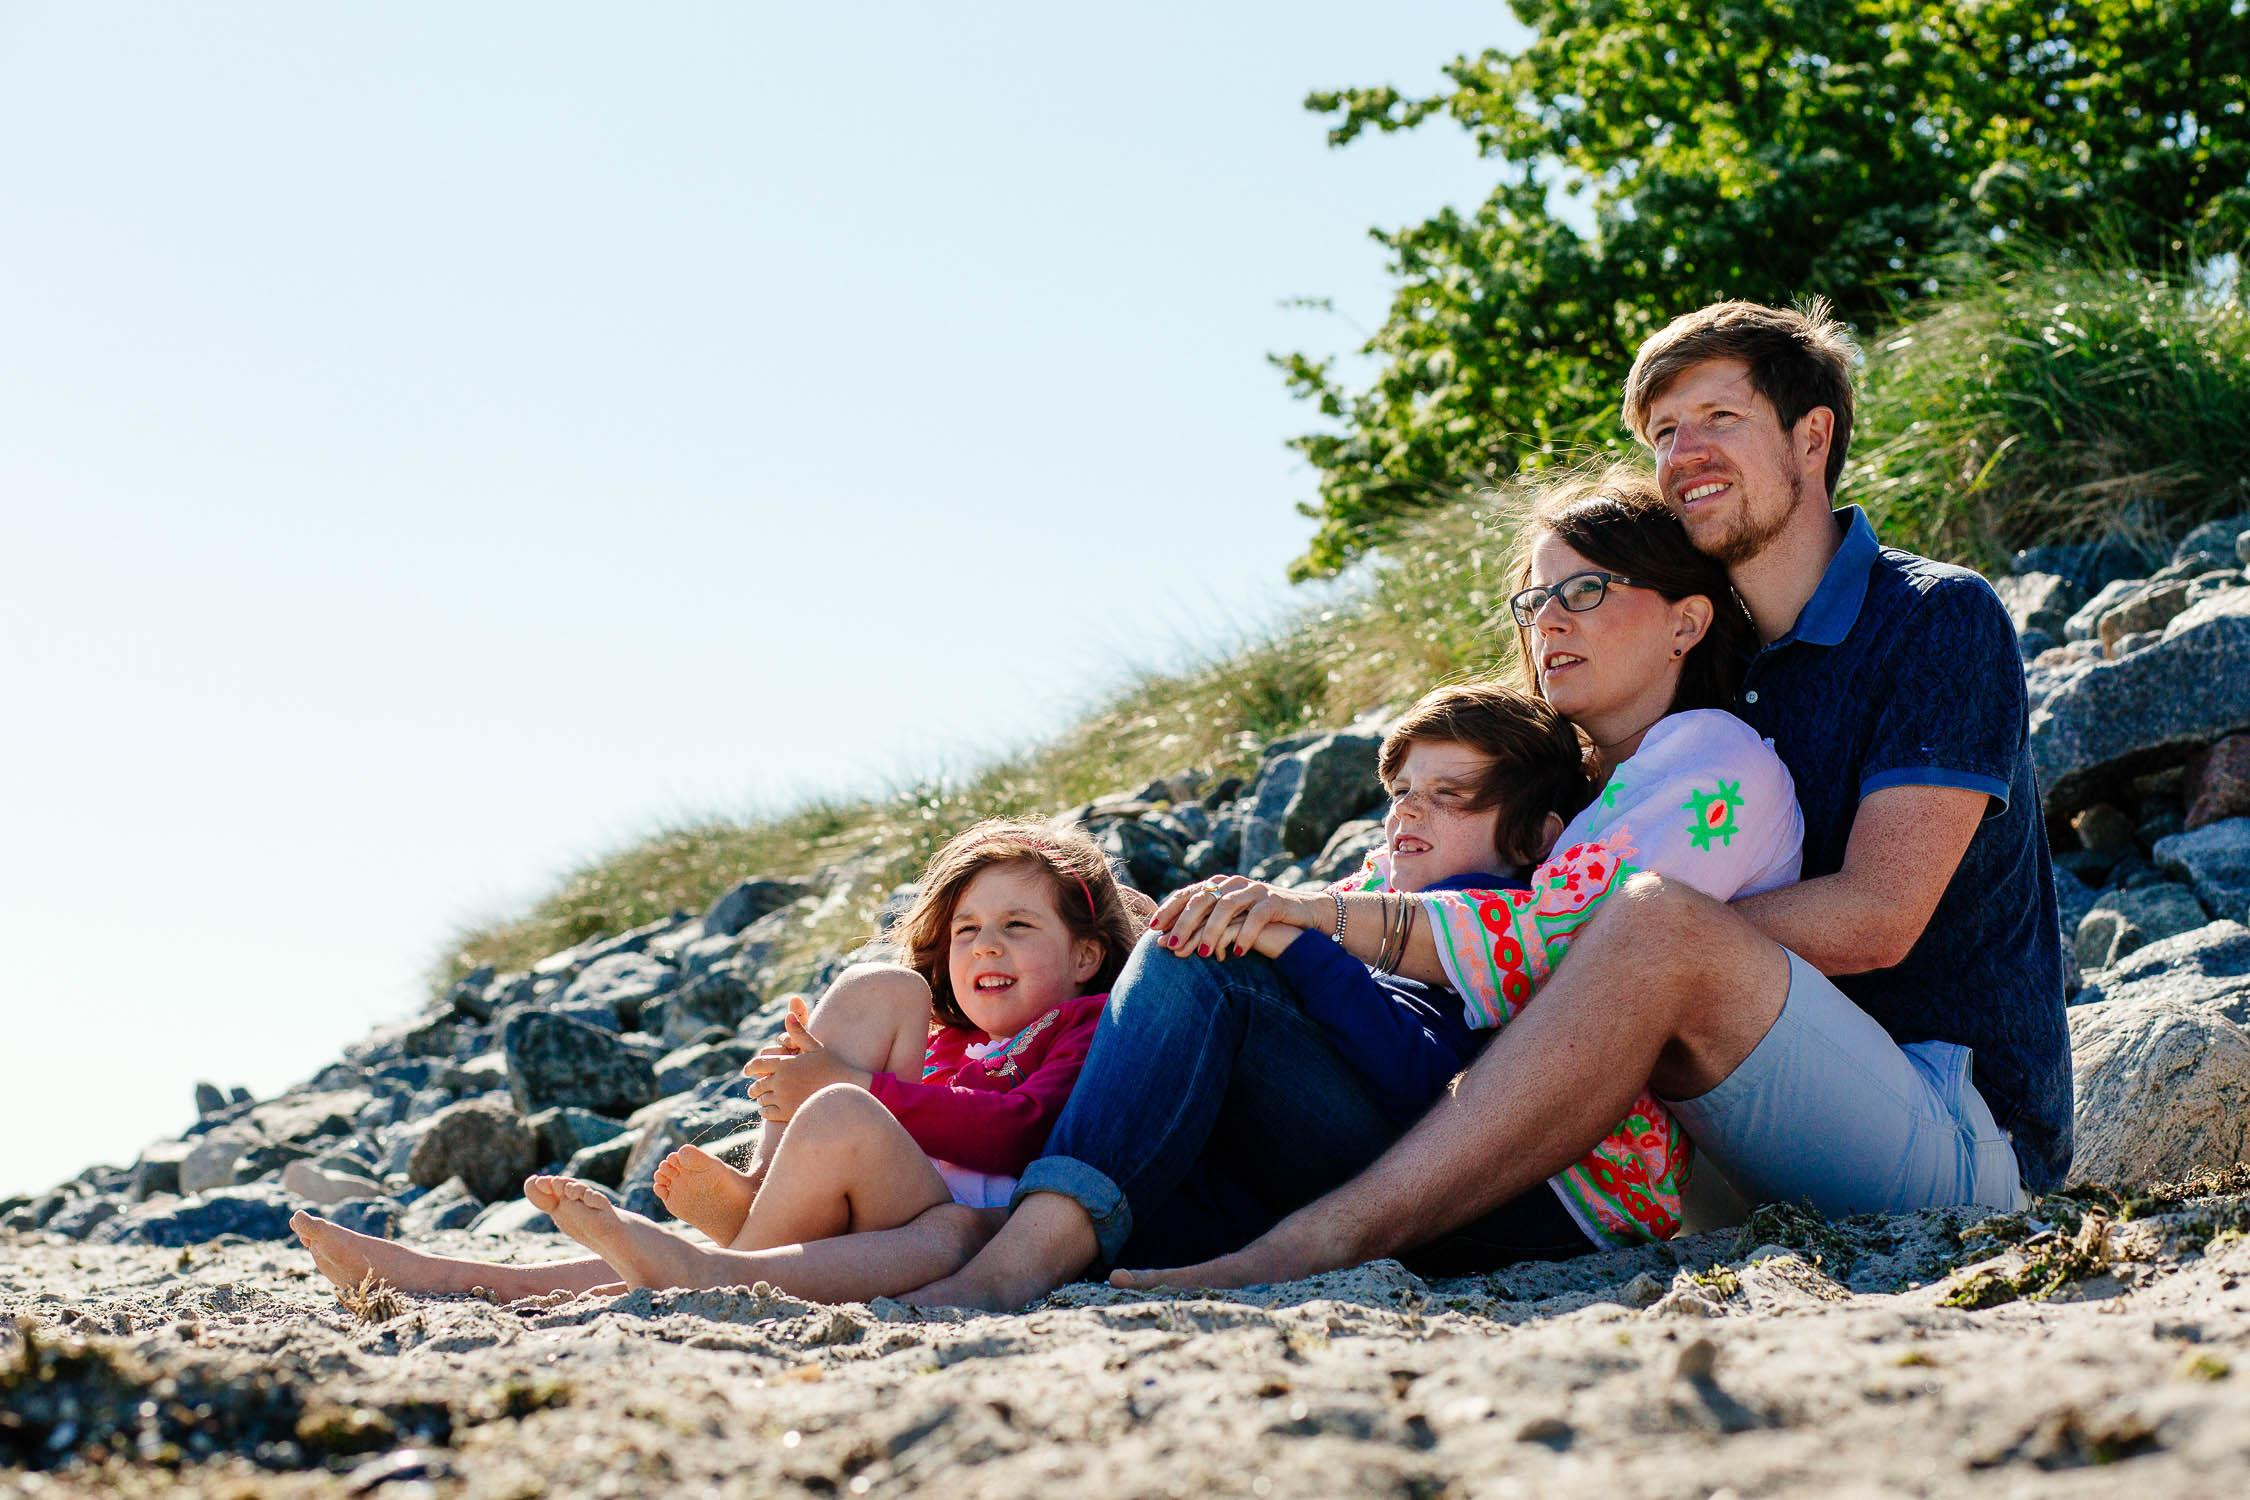 Familien Fotoshooting in Pelzerhaken 38